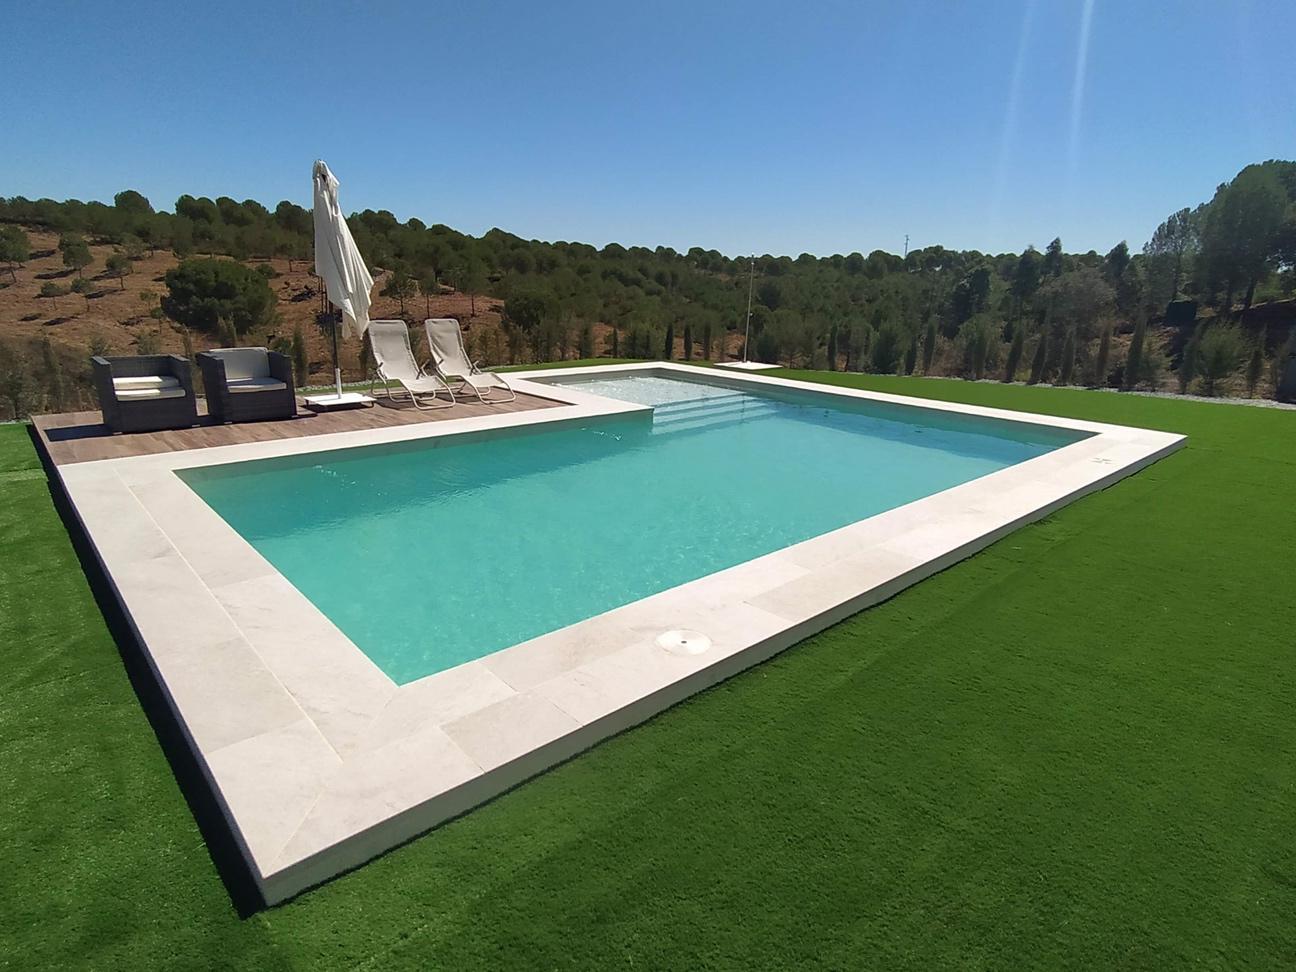 Otra vista general de la piscina y del entorno natural